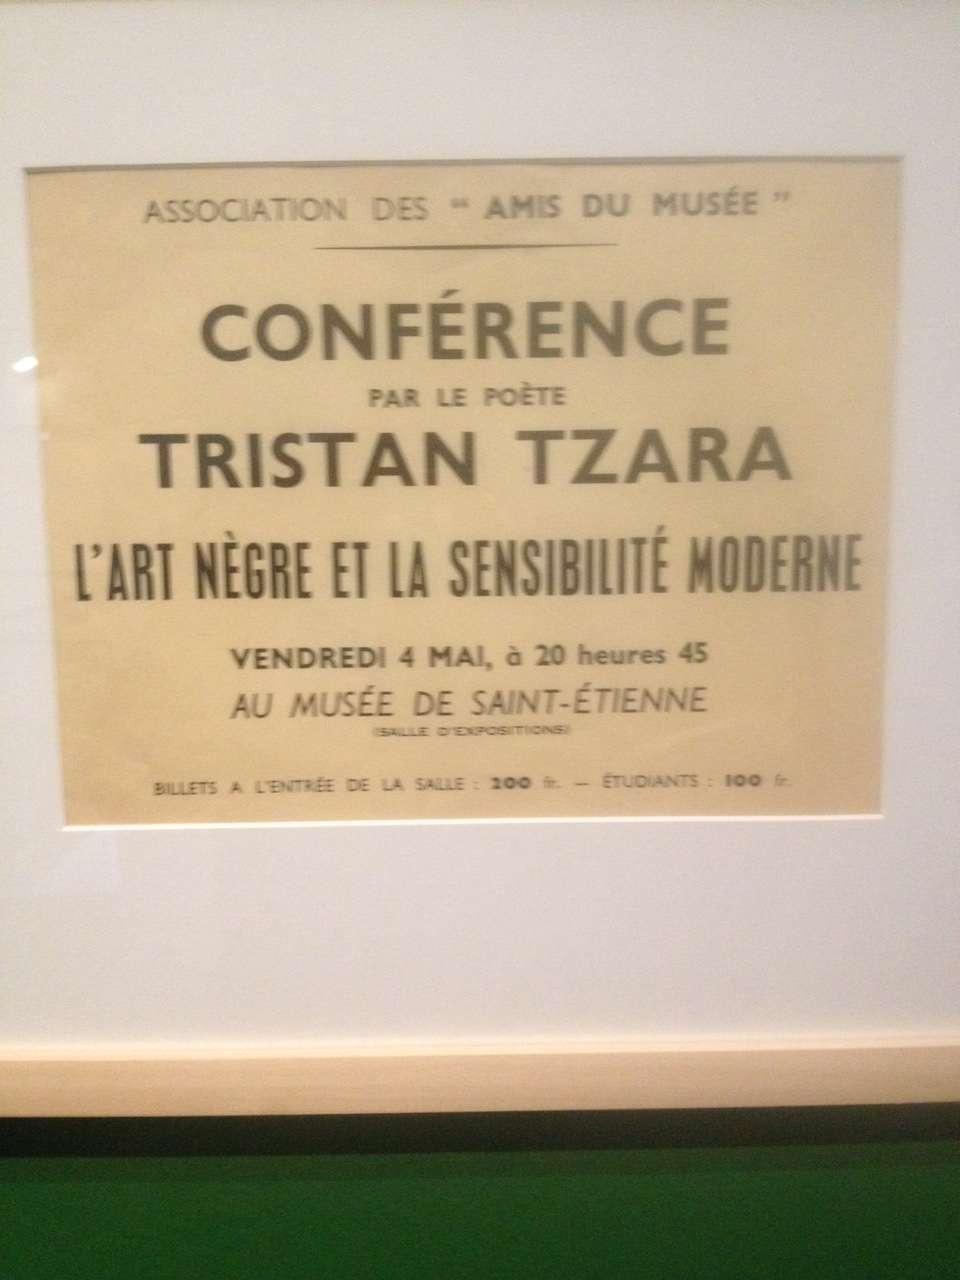 Anunt pentru o conferintà sustinutà de Tristan Tzara pe tema artei africane